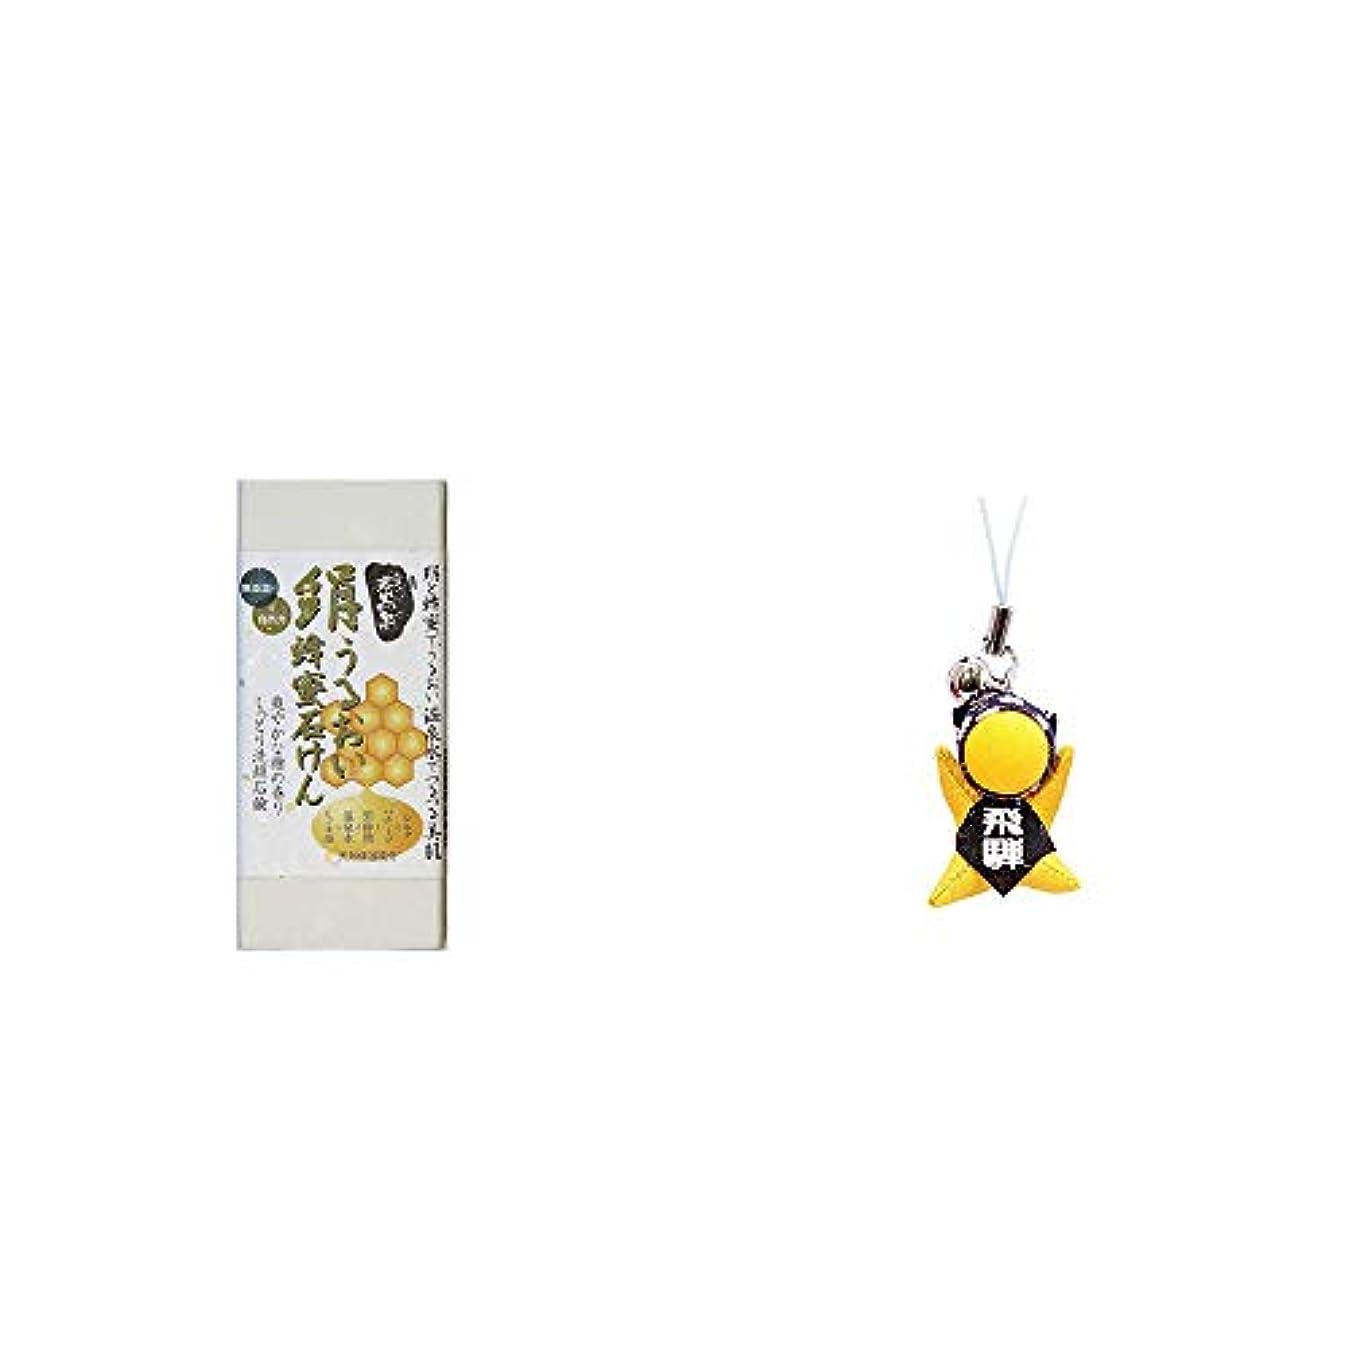 ソフトウェア生き物砂利[2点セット] ひのき炭黒泉 絹うるおい蜂蜜石けん(75g×2)?さるぼぼ幸福ストラップ 【緑】 / 風水カラー全9種類 健康 お守り//